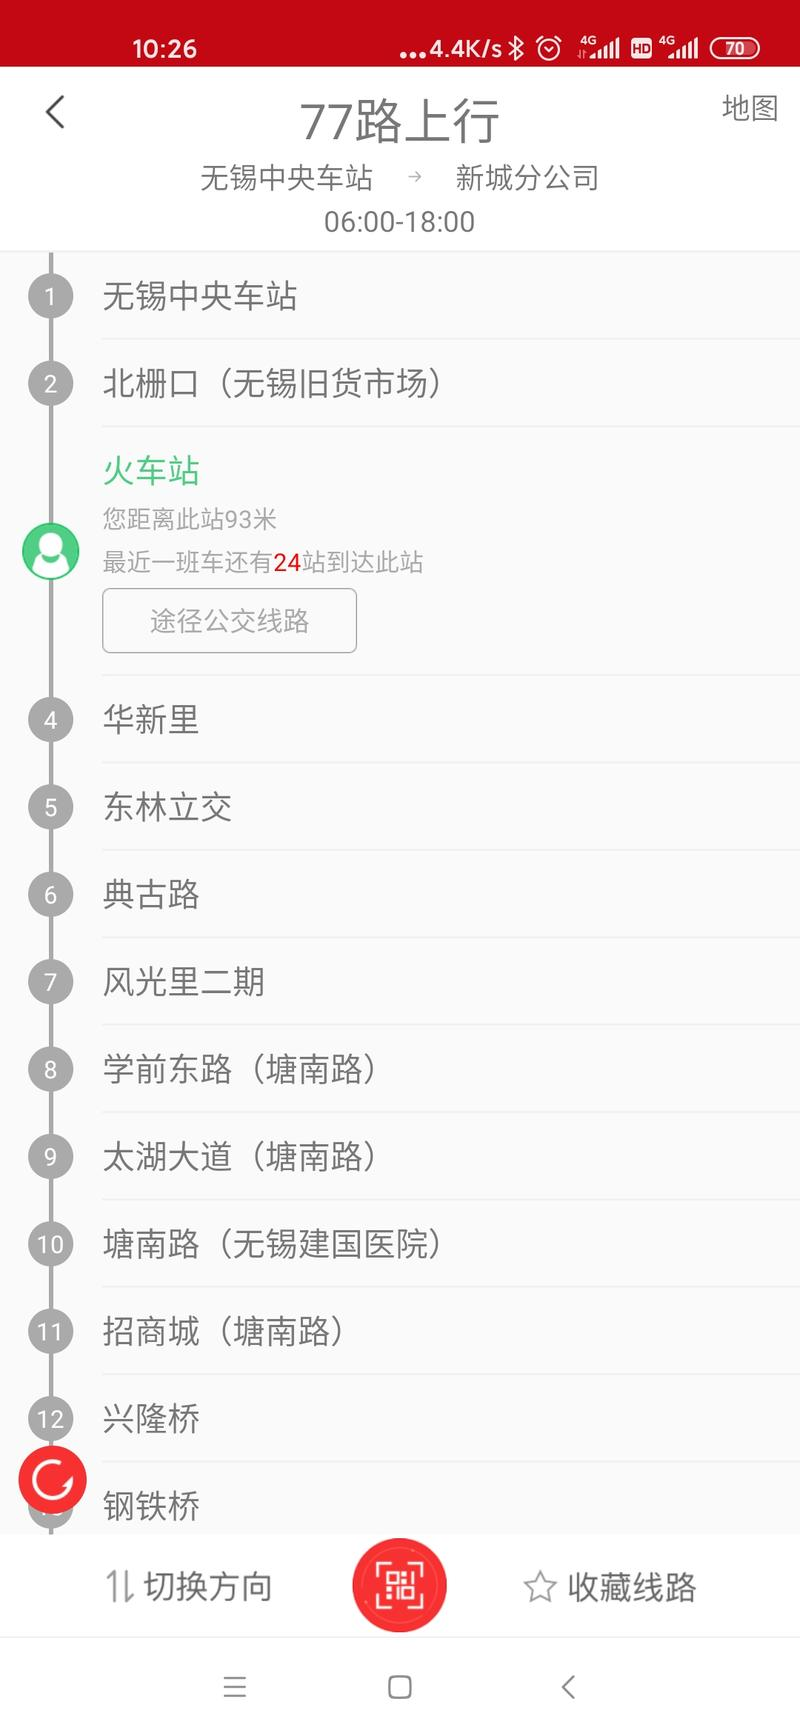 宇润于2020-03-16 10:54发布的图片